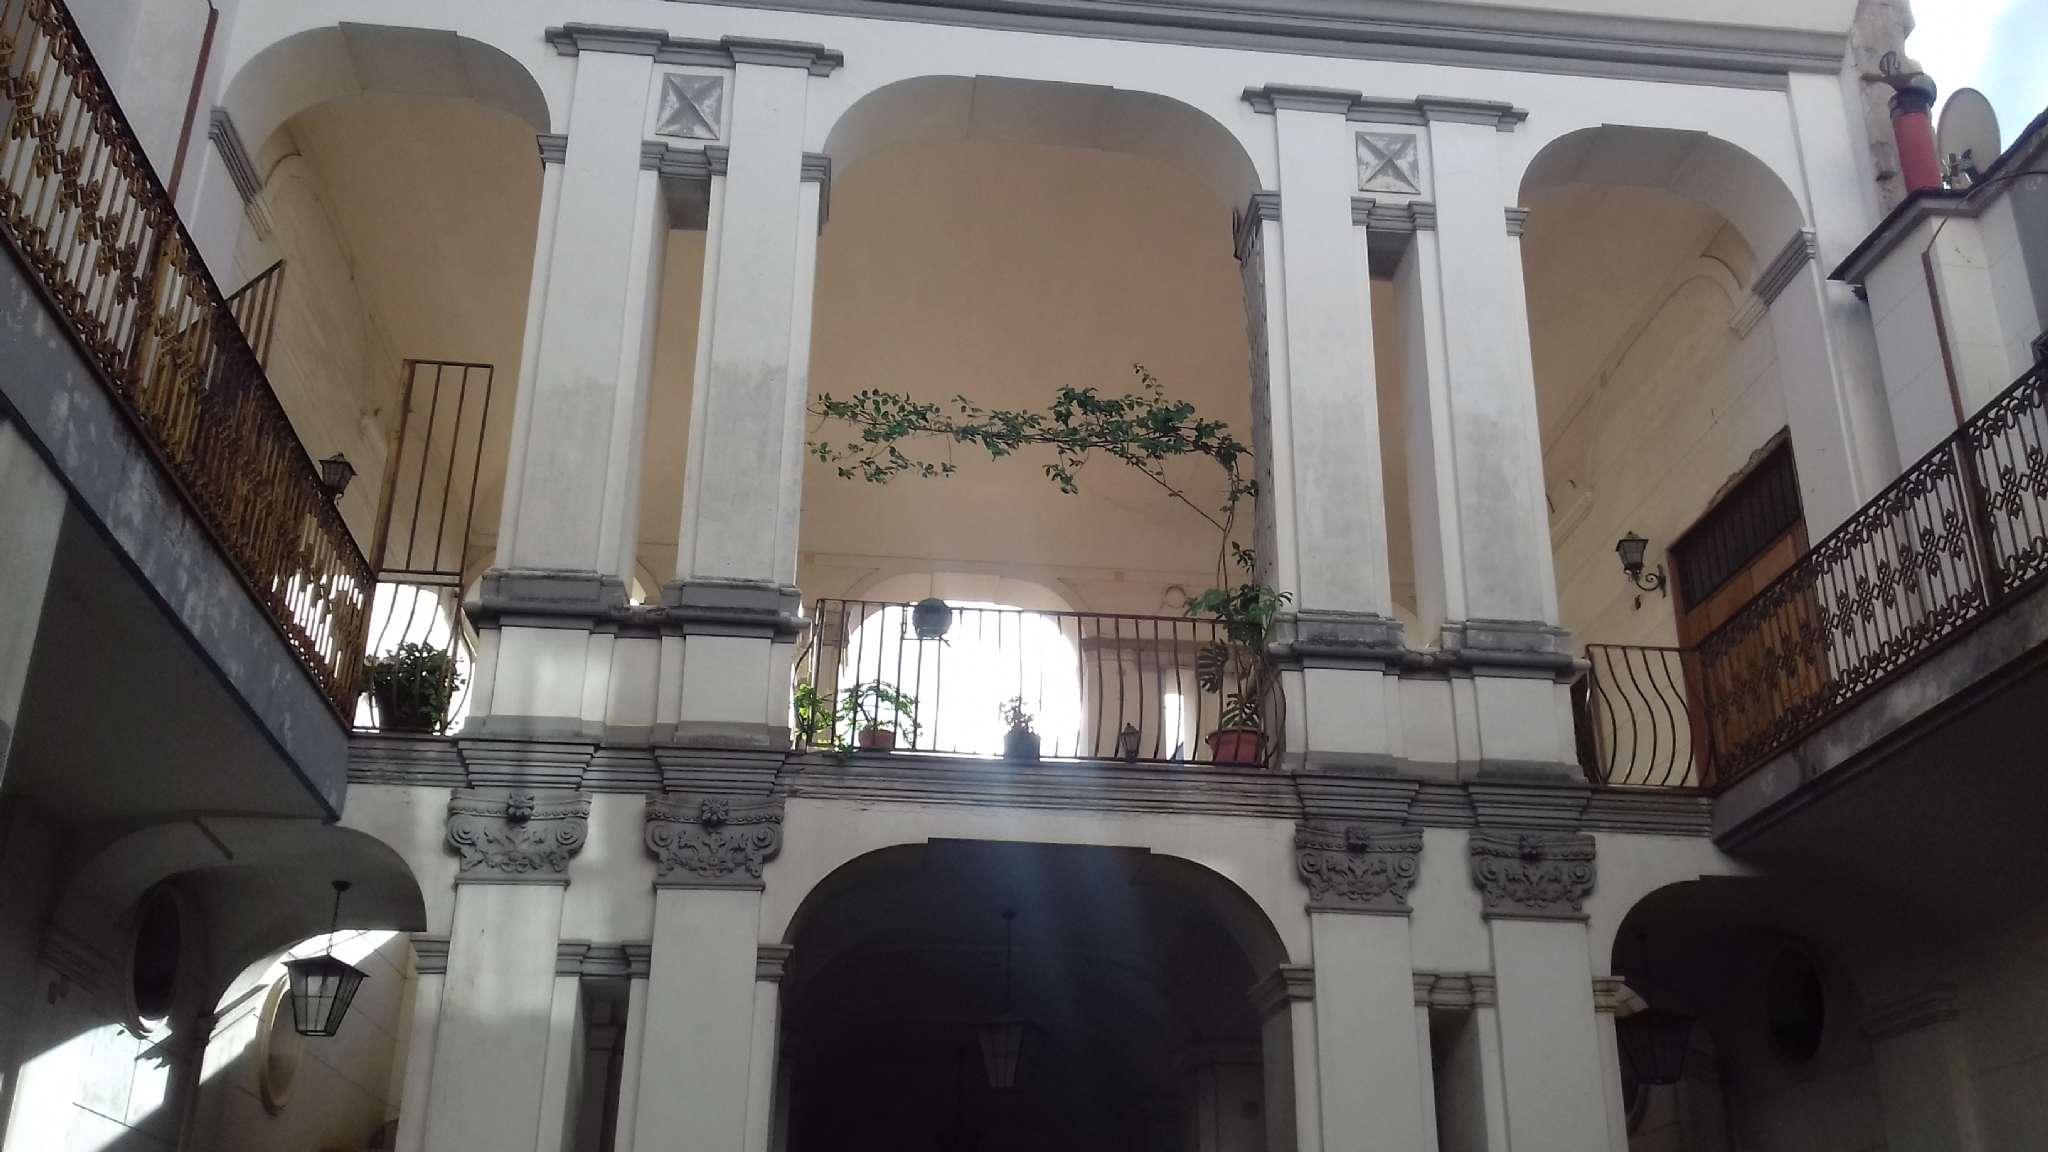 Palazzo / Stabile in vendita a Nola, 40 locali, Trattative riservate   CambioCasa.it